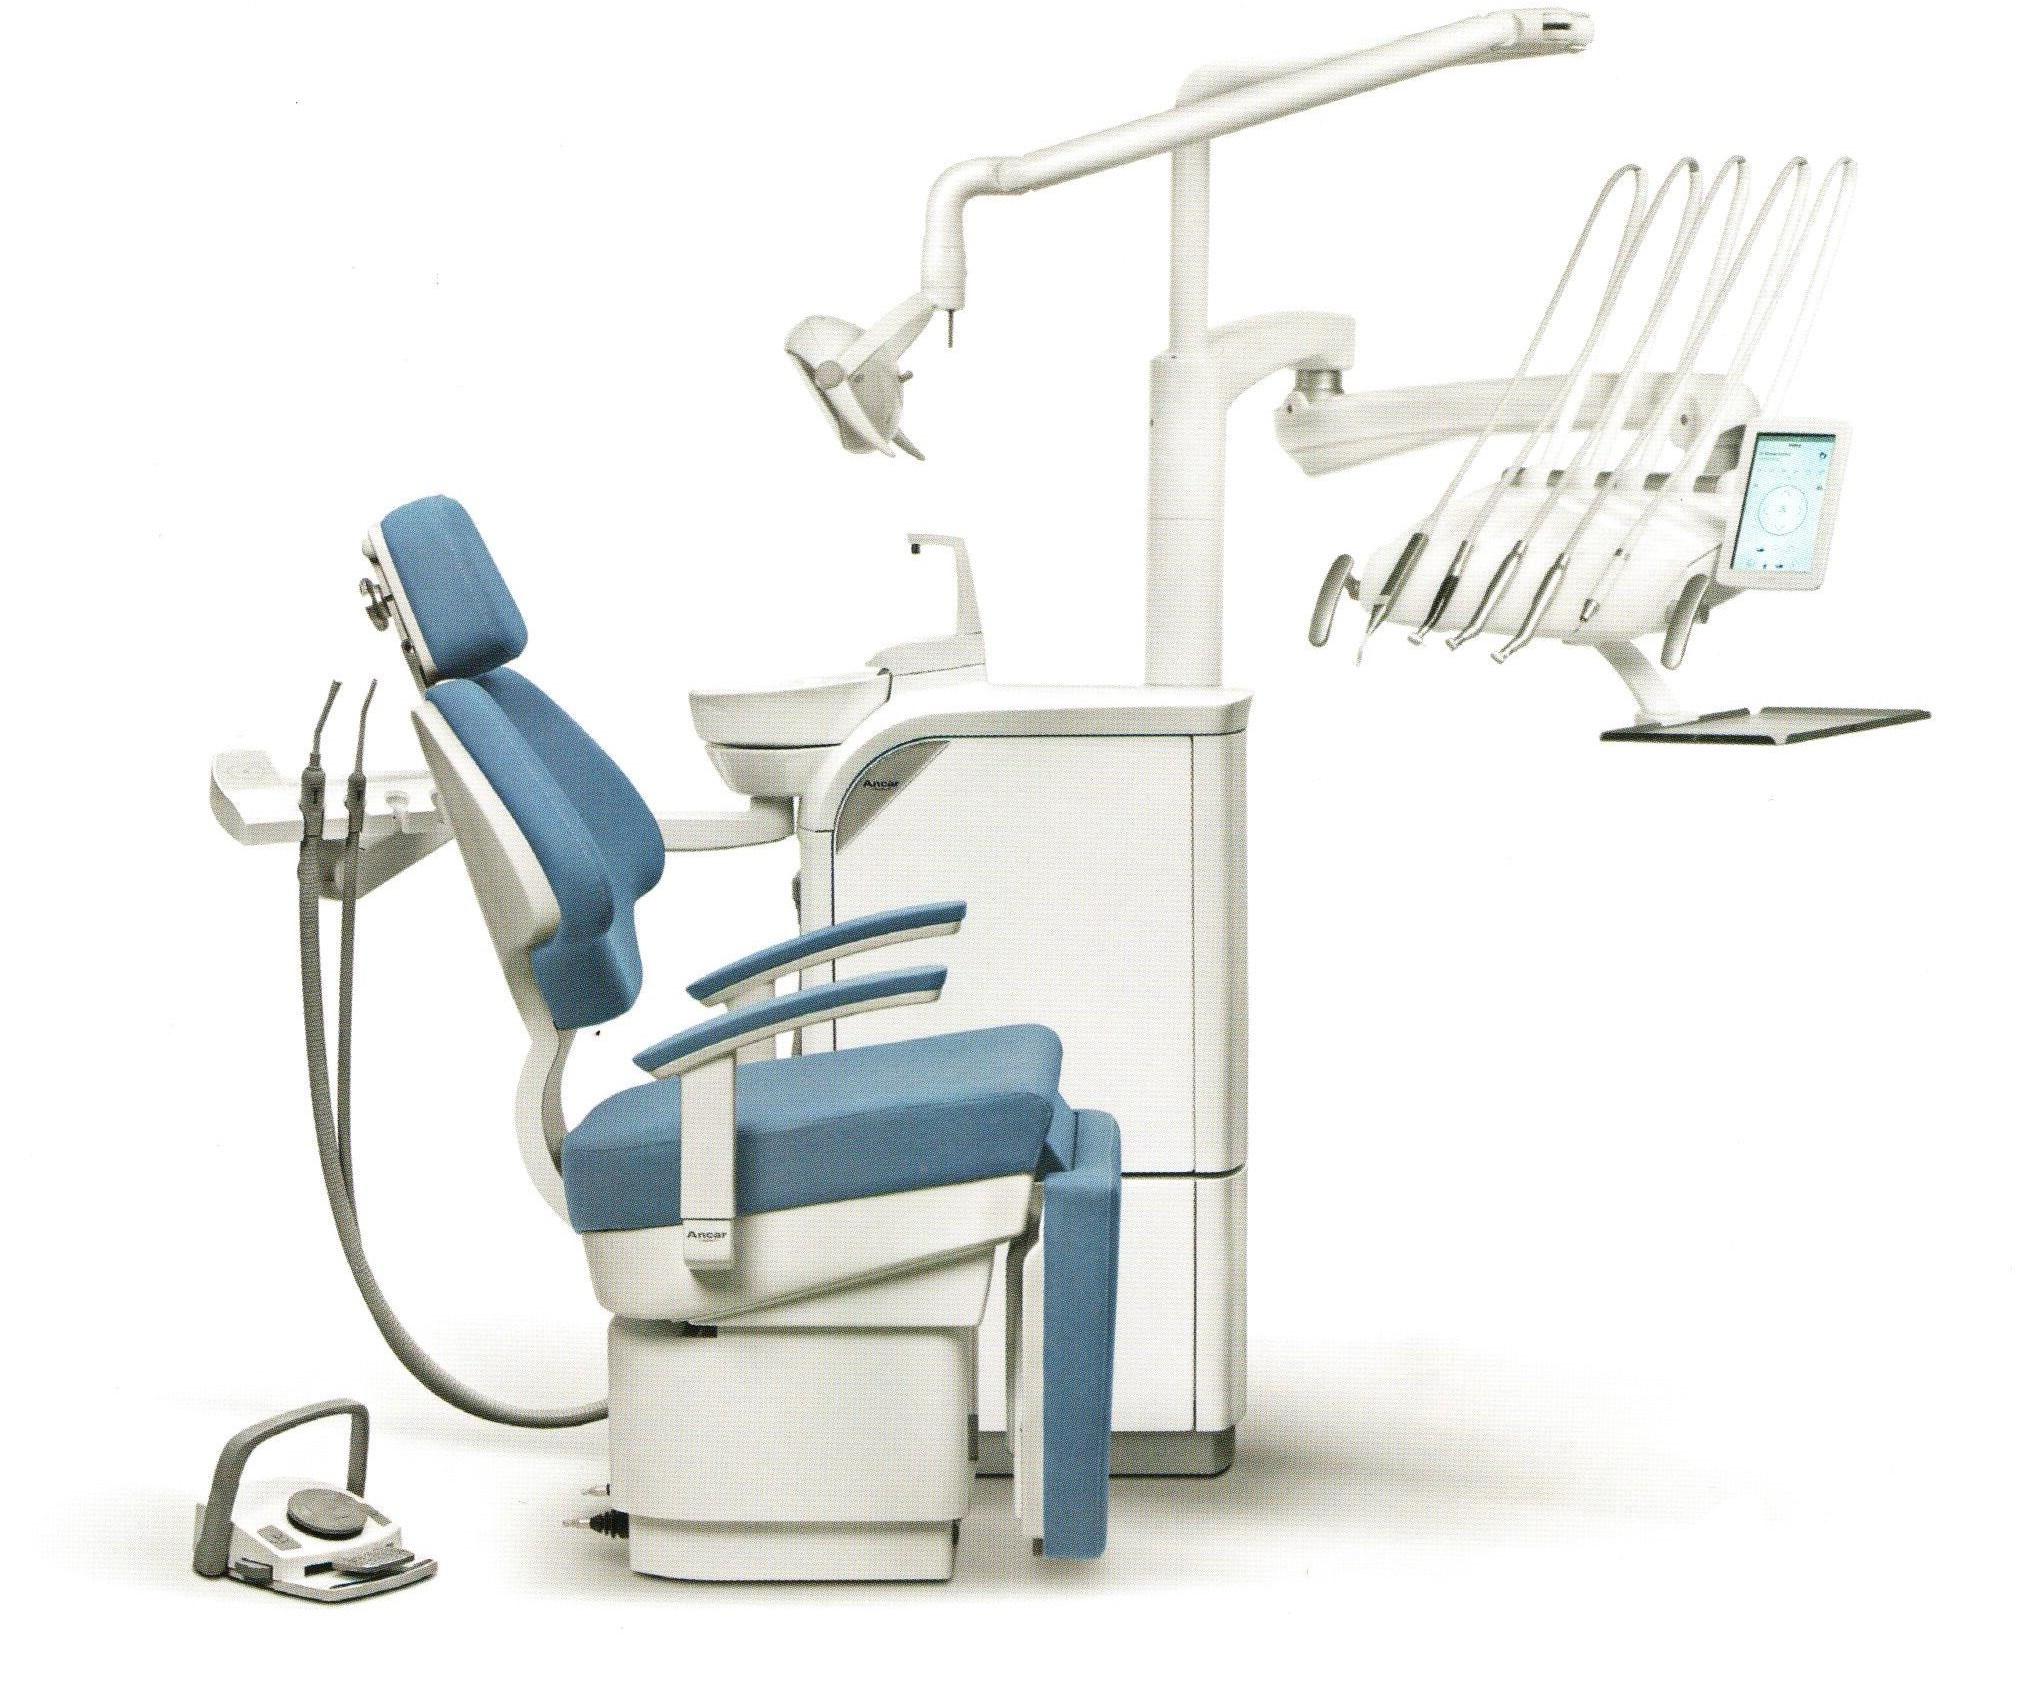 S3 W - elektronische Behandlungseinheit mit Schwingbügeln für Rechts- und Linkshänder (Stuhl mit Fußteil um 90° abklappbar)